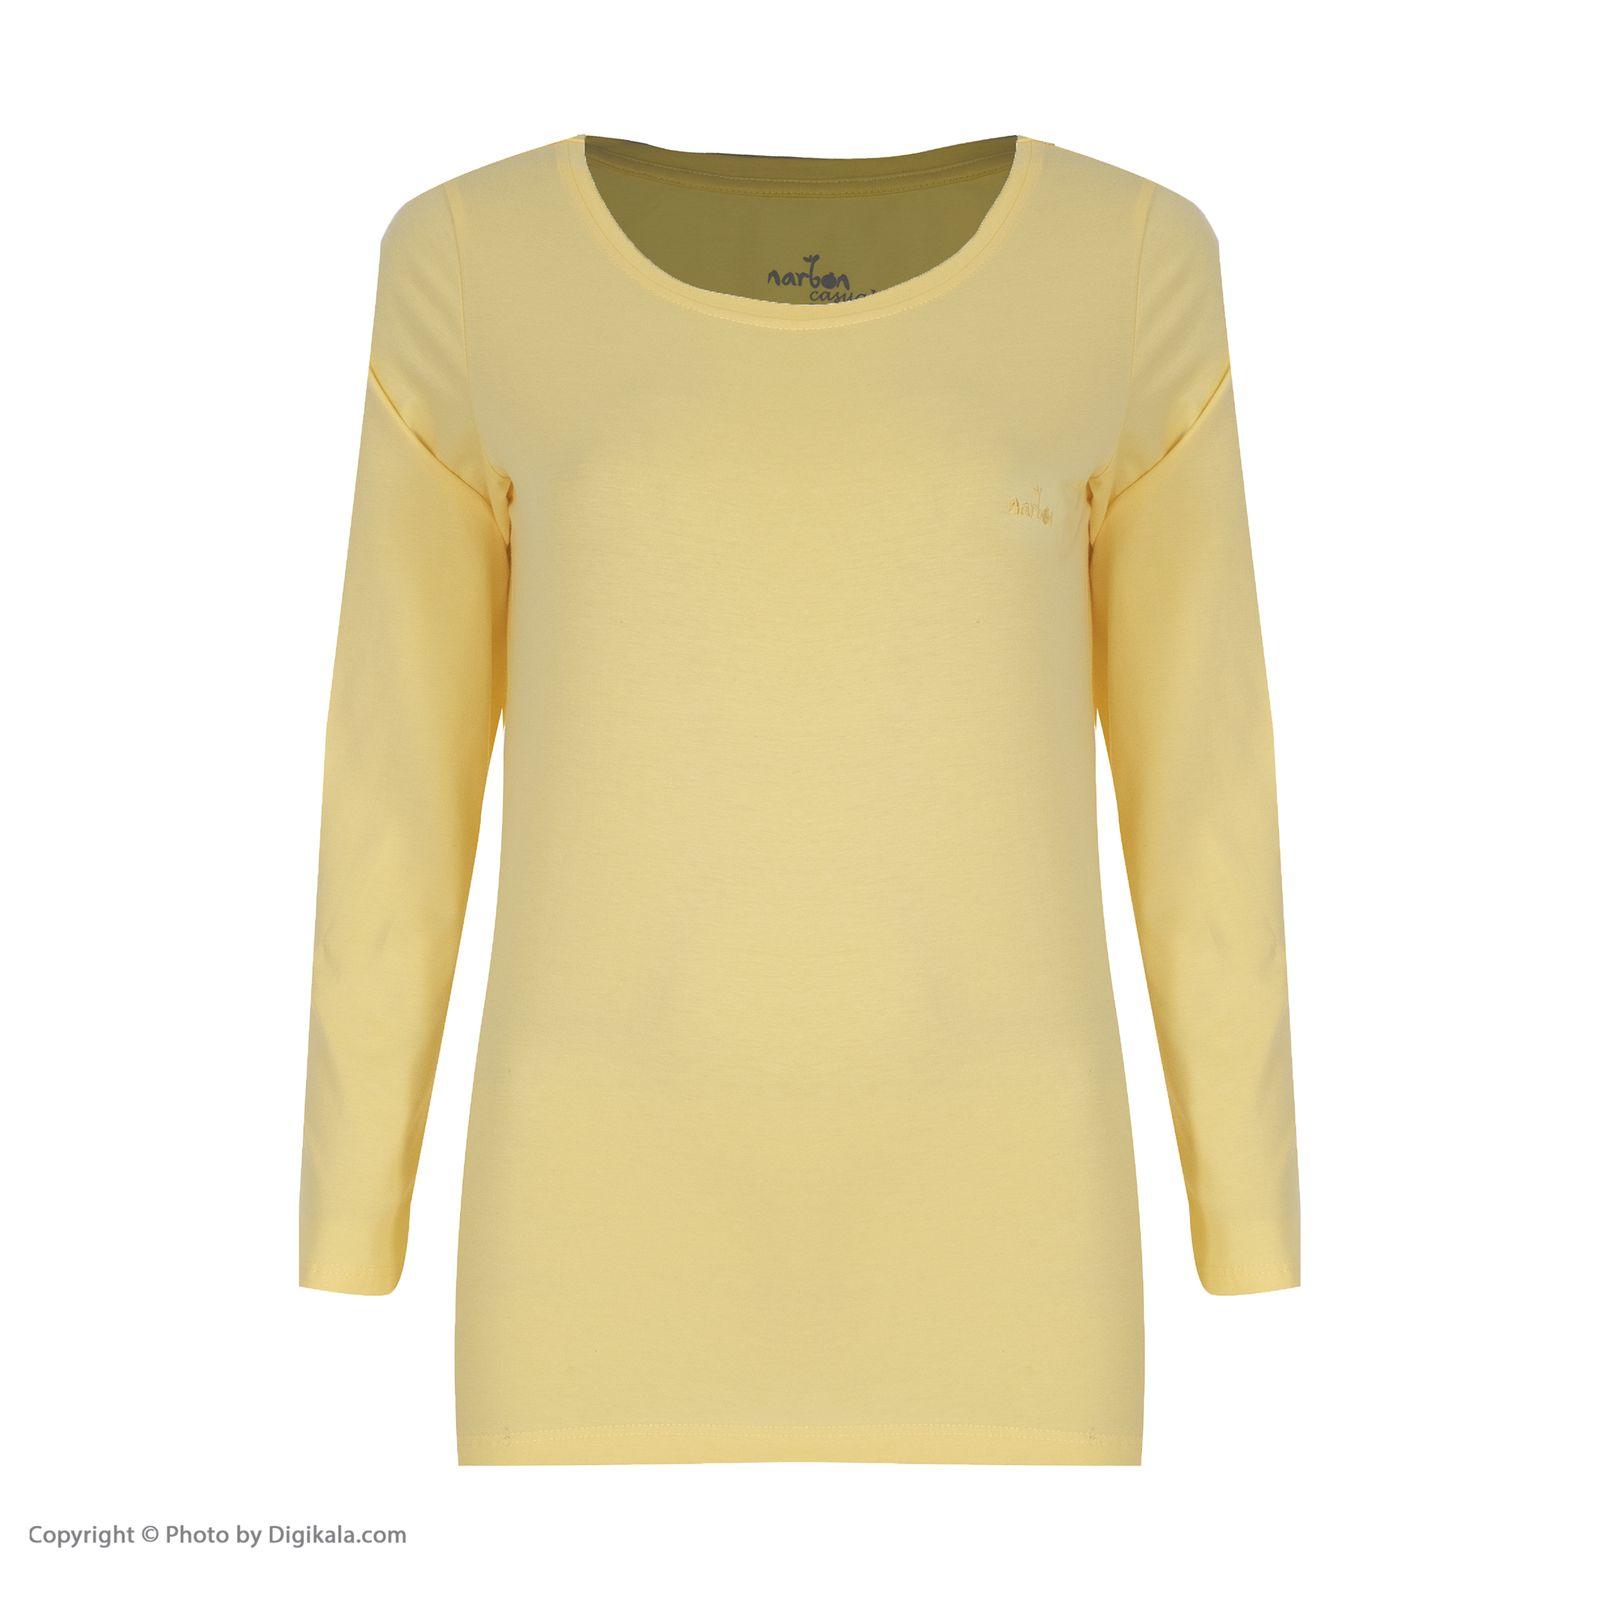 تی شرت زنانه ناربن مدل ۱۵۲۱۲۴۸-۱۹